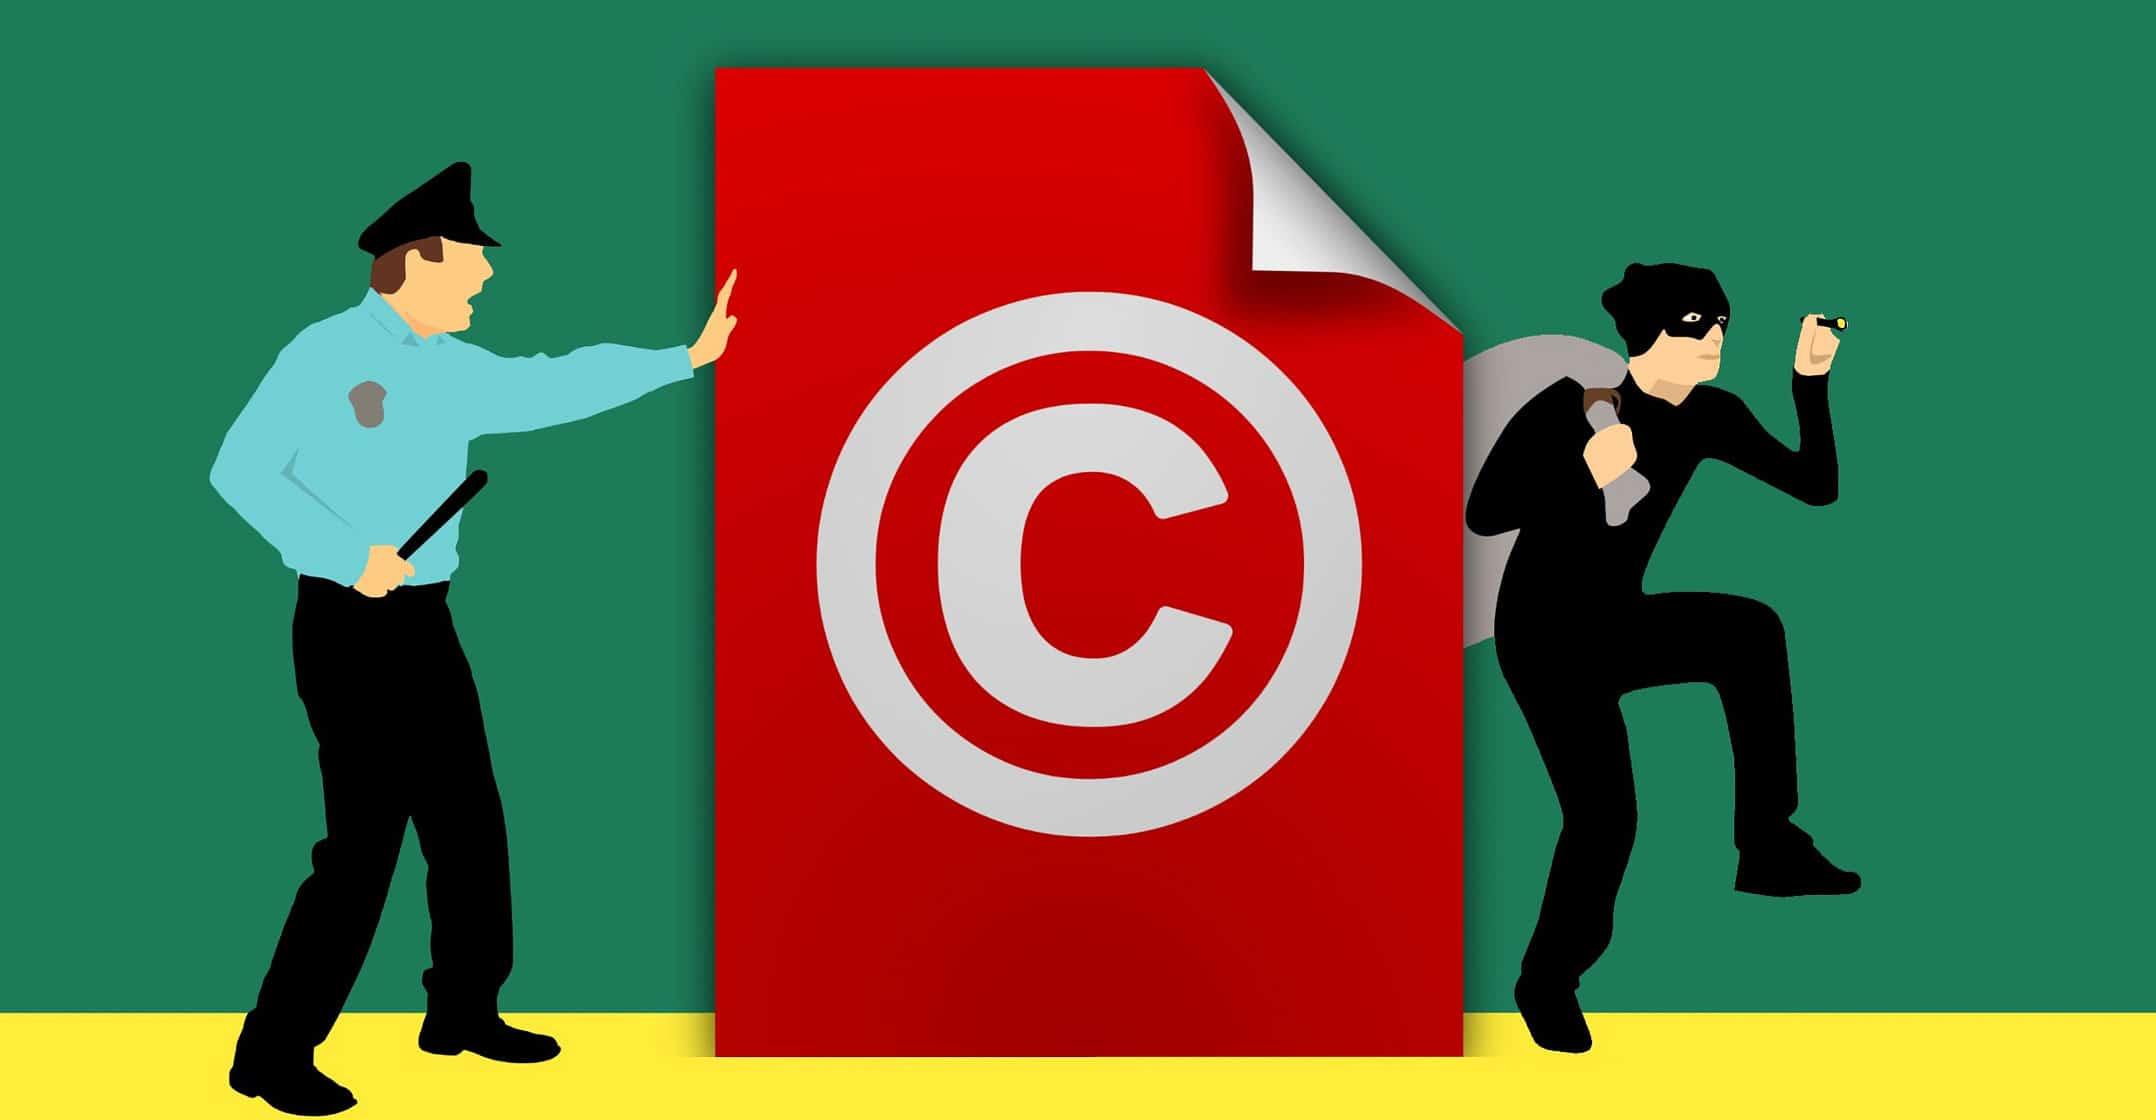 Luật sở hữu trí tuệ 2005 (sửa đổi bổ sung năm 2009) và Nghị định 22/2018/NĐ-CP quy định chi tiết thủ tục đăng ký quyền tác giả quyền liên quan.